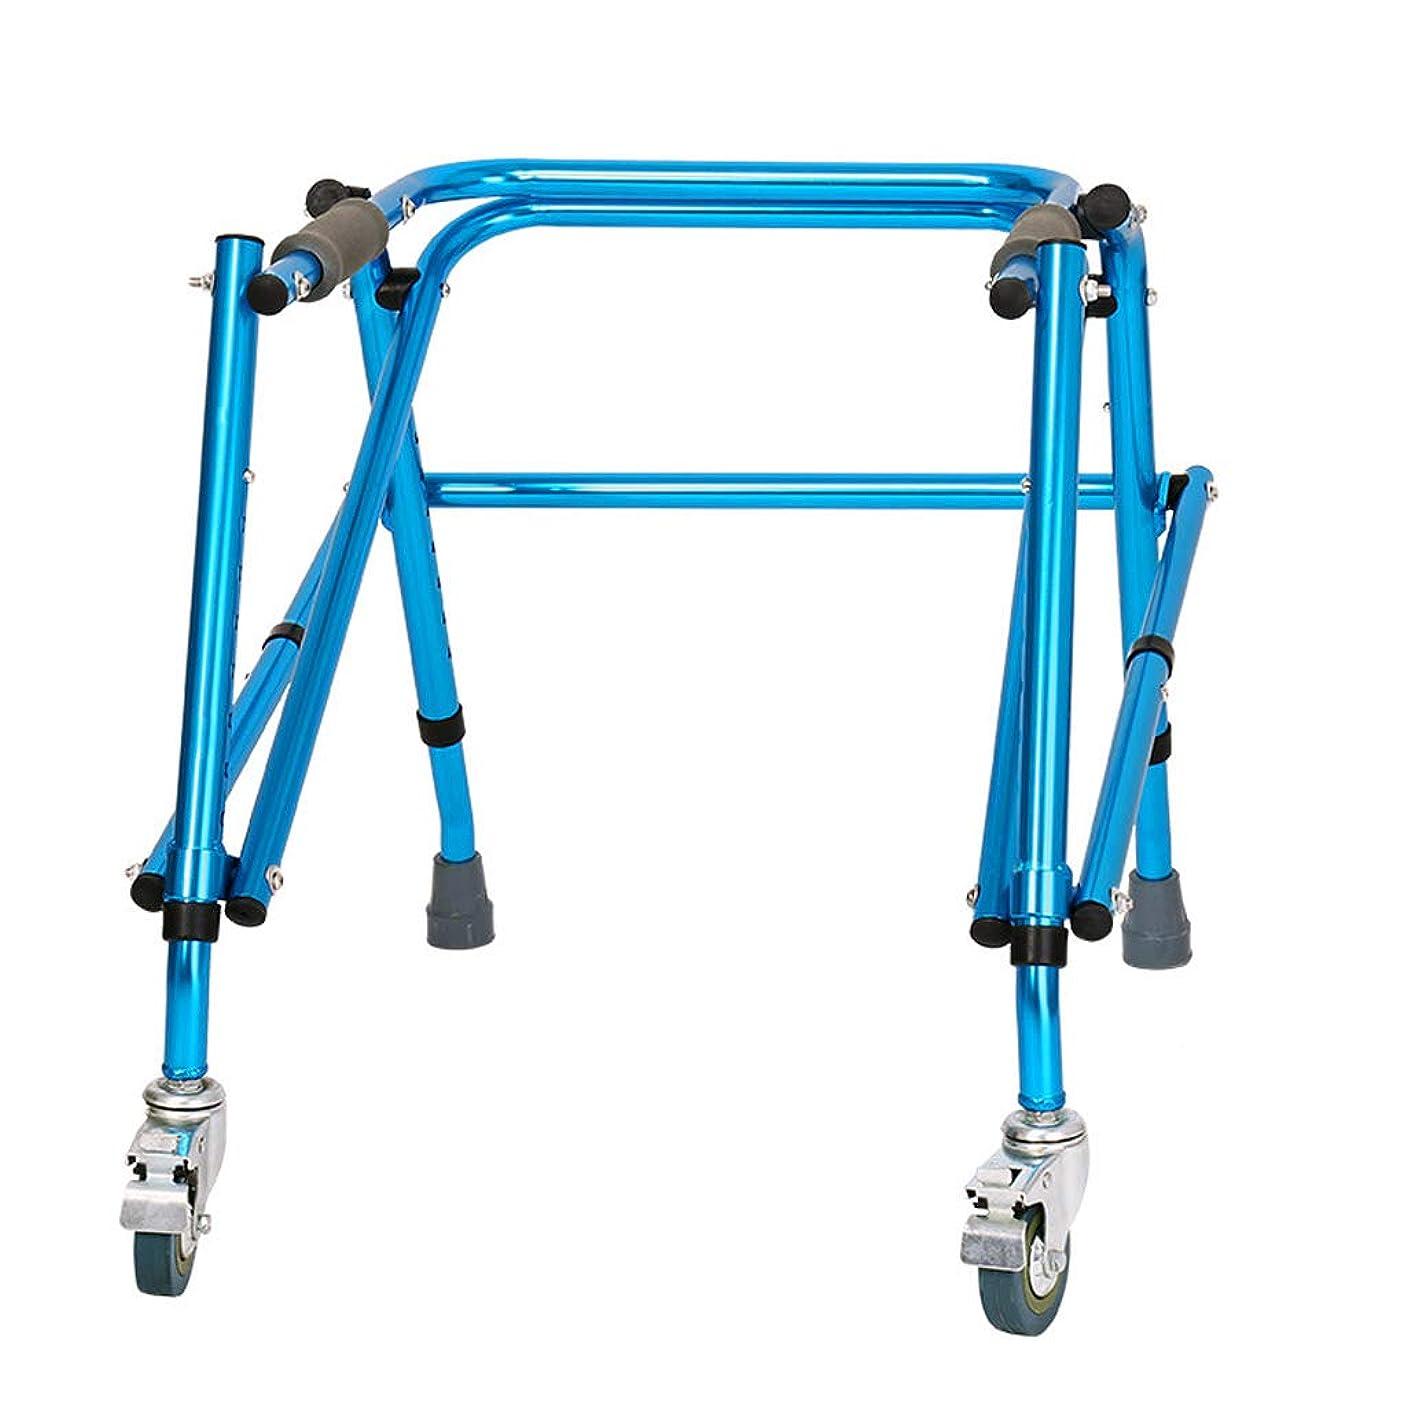 グレートオーク濃度ヘクタールCZWYF 子供下肢トレーニングとリハビリテーション機器/立ち歩行スタンド/ウォークエイド/ウォーカー/スタンドフレーム付きホイールリハビリ機器